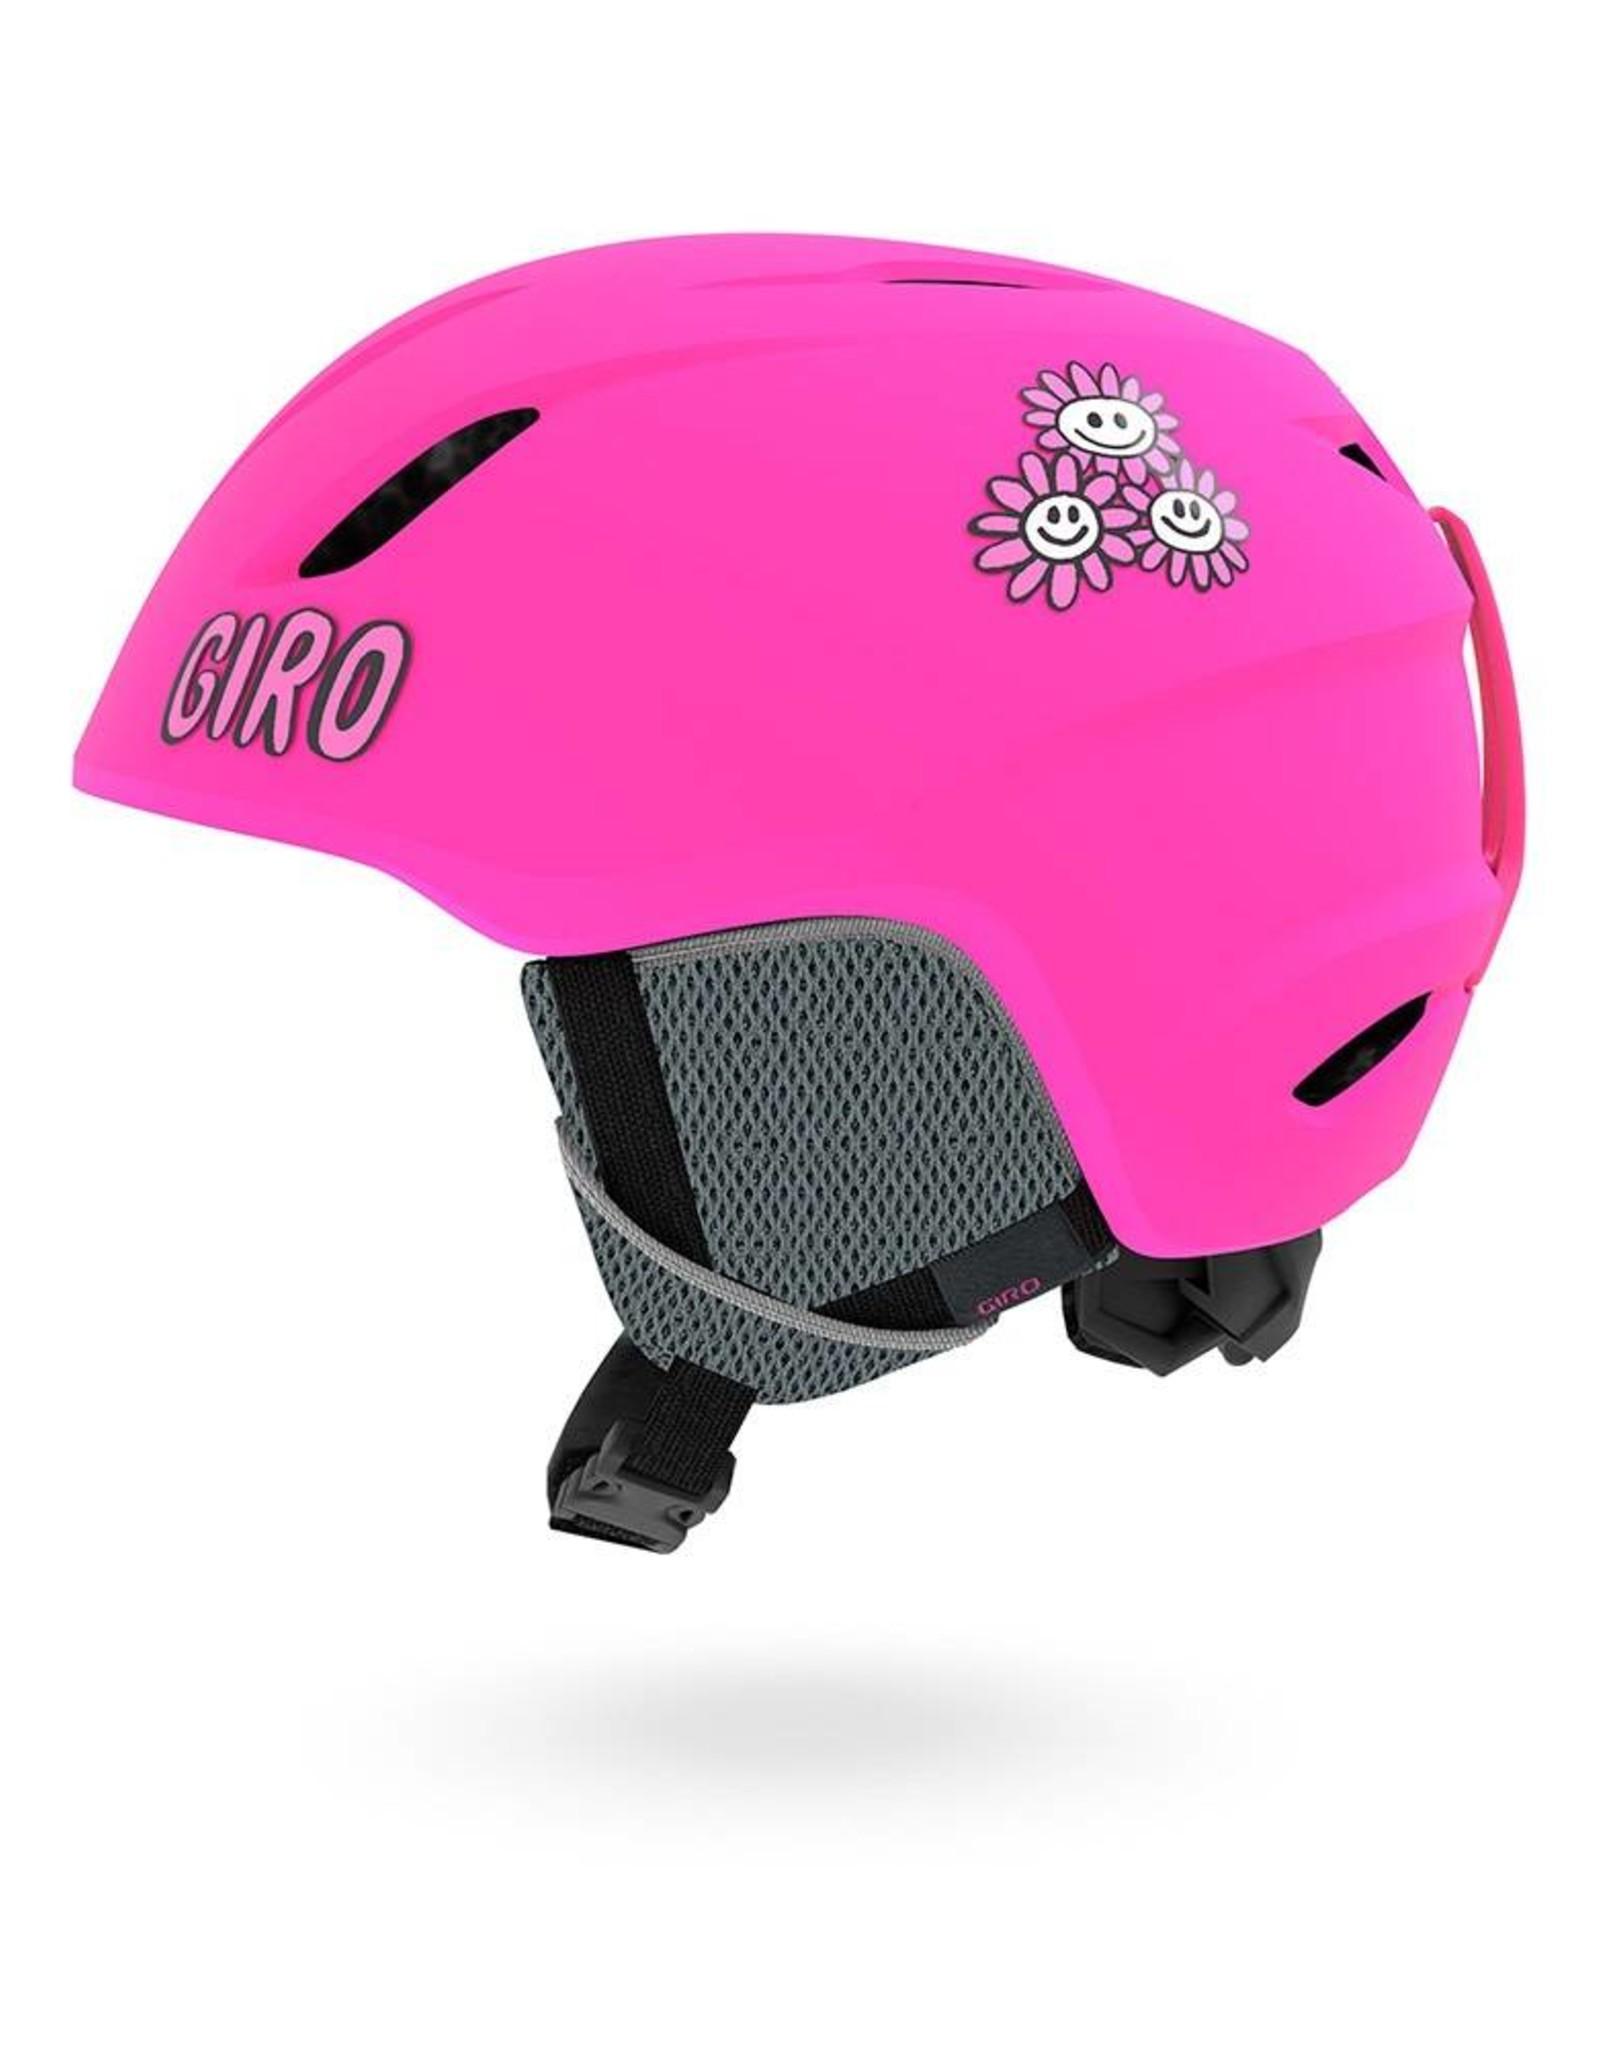 Giro - LAUNCH - Pink Daizee -